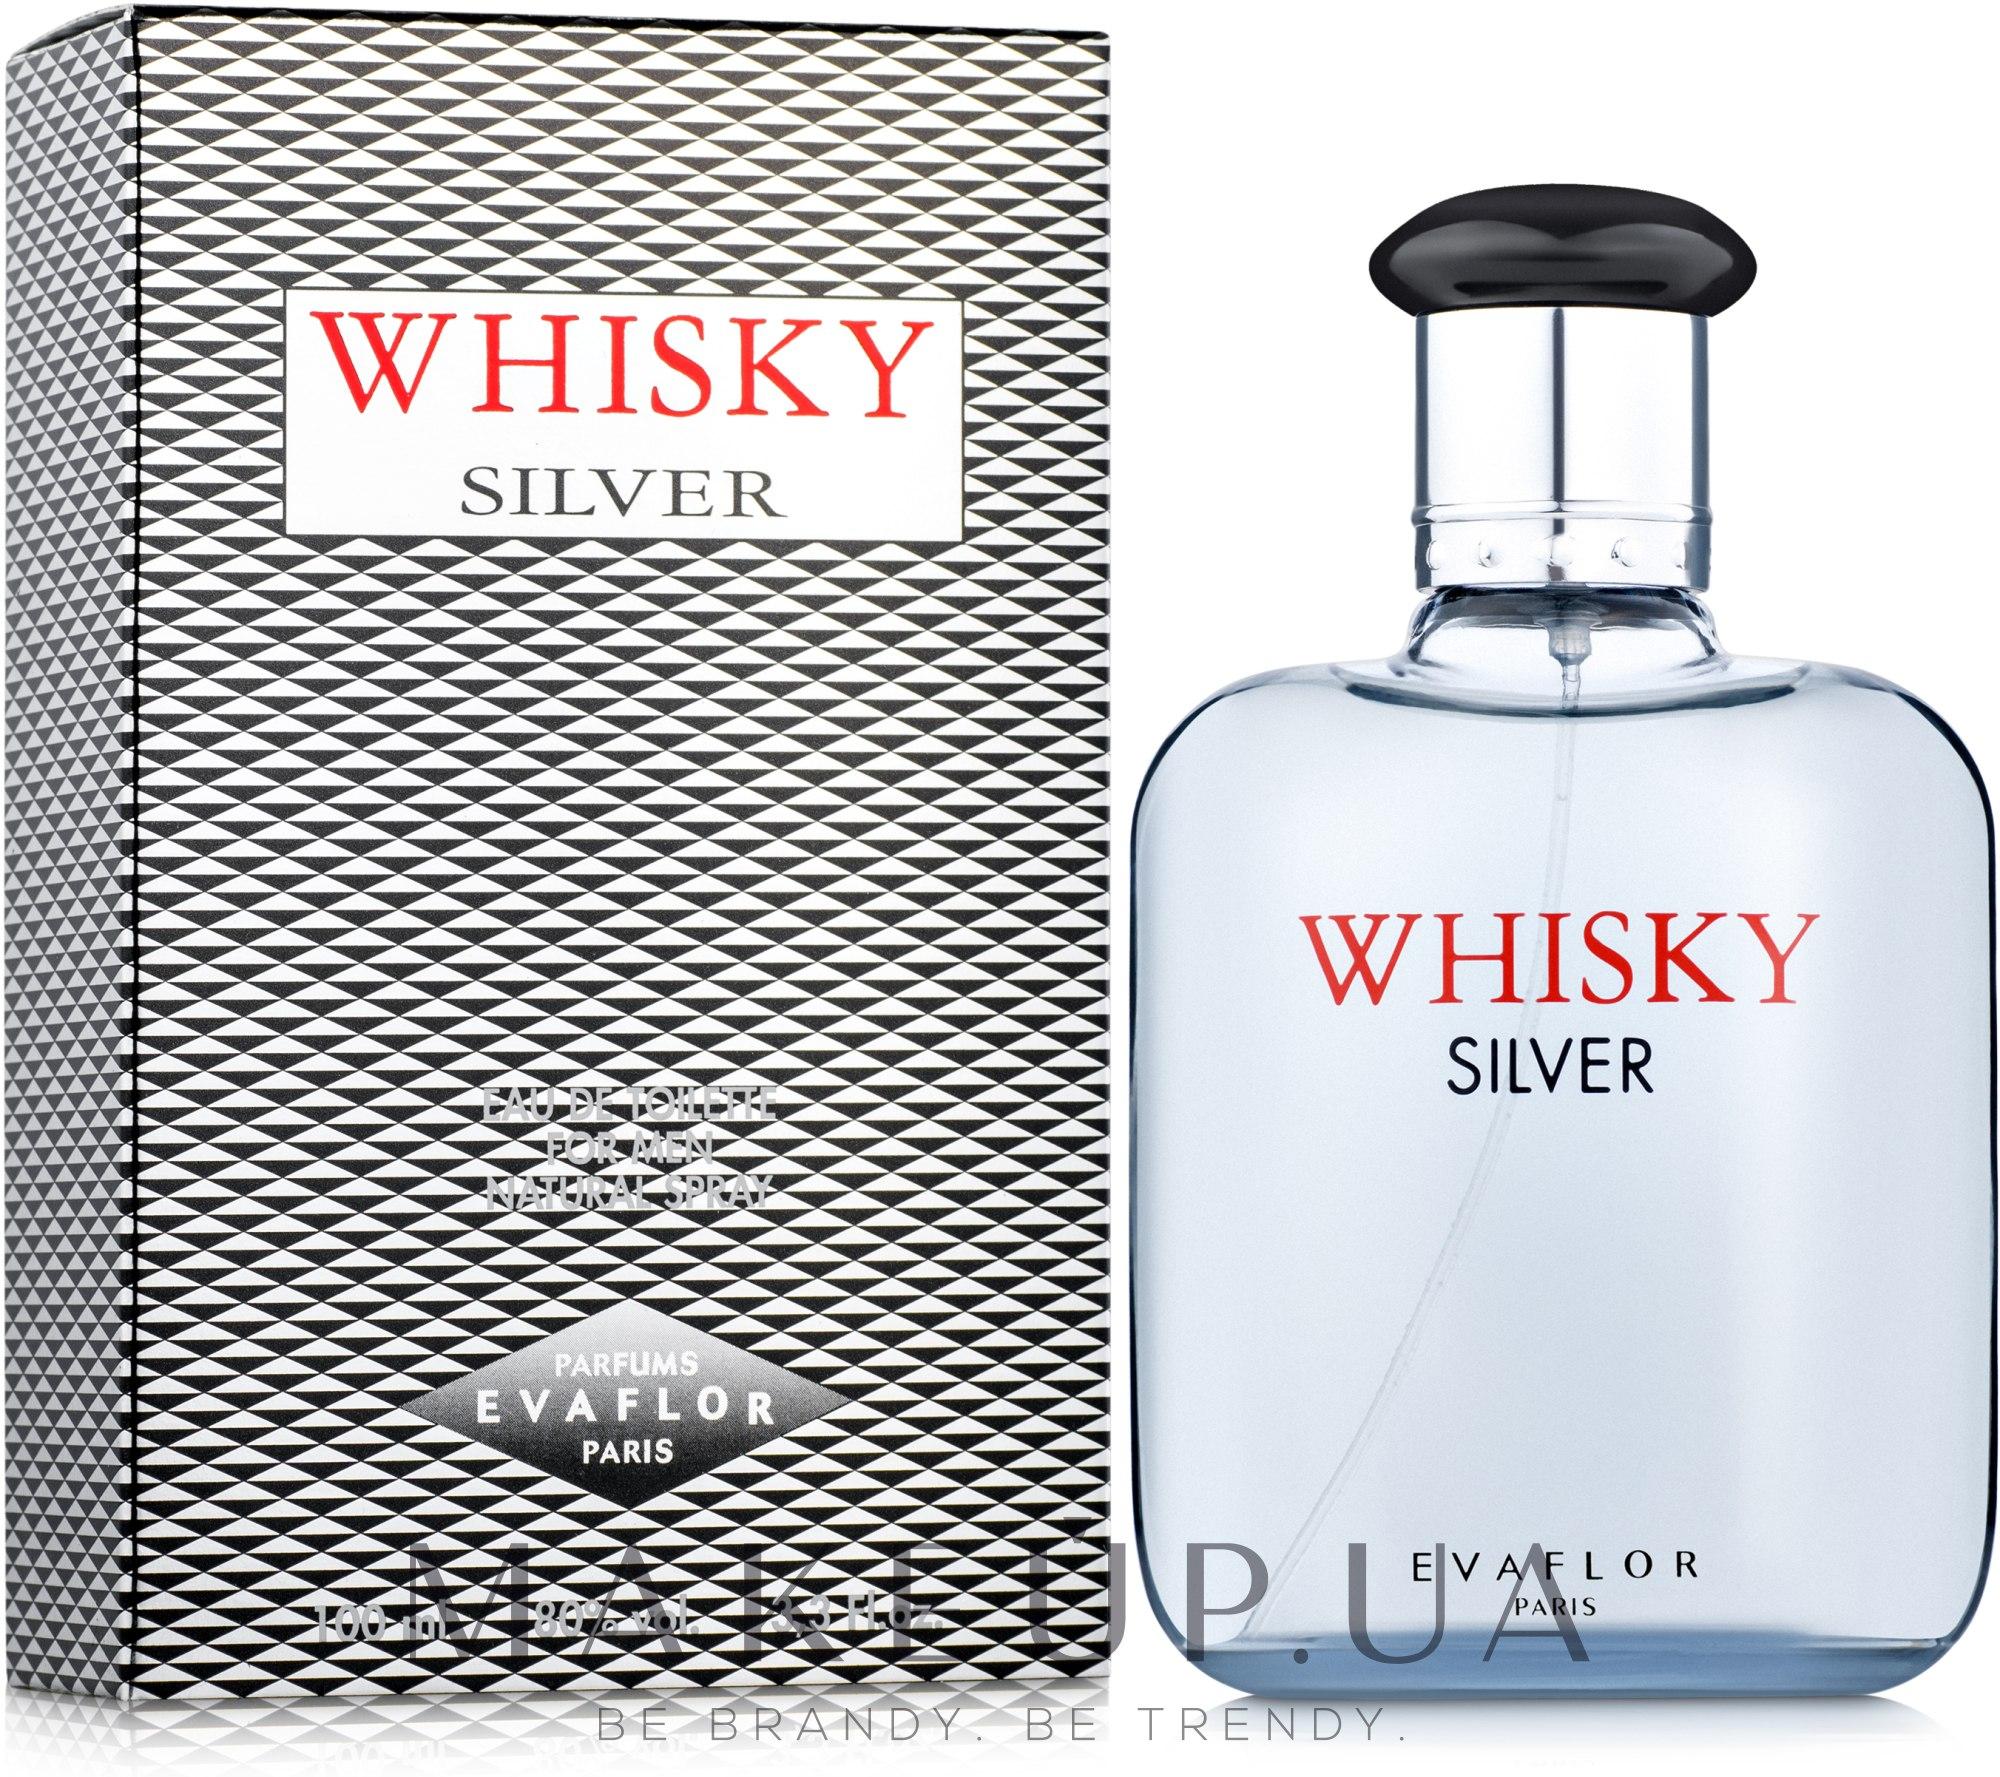 По ВодаКупить Цене Лучшей Туалетная Whisky Украине Silver В MakeupEvaflor Oyv0w8Nmn